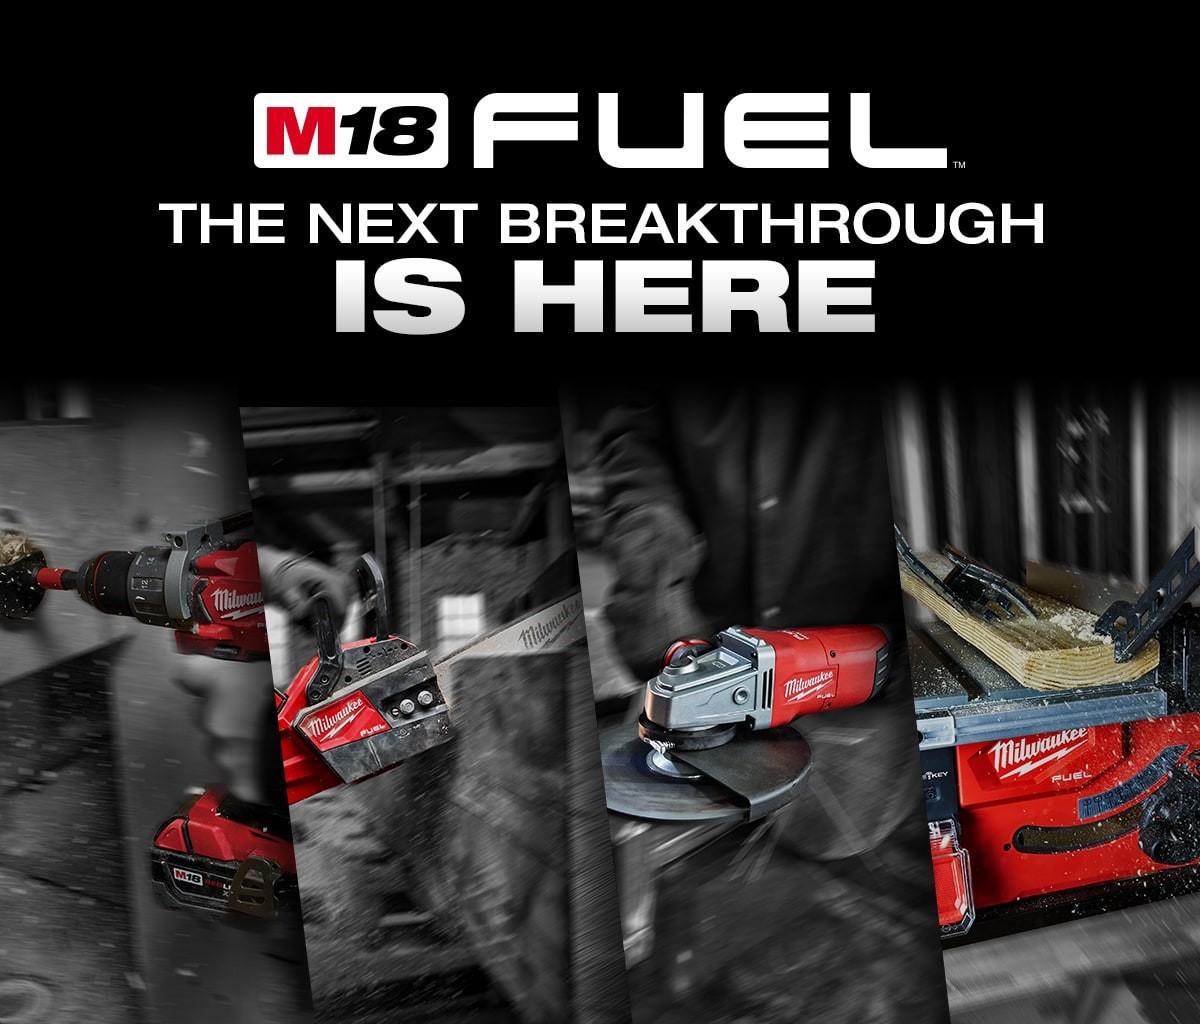 Milwaukee Tool M18 FUEL